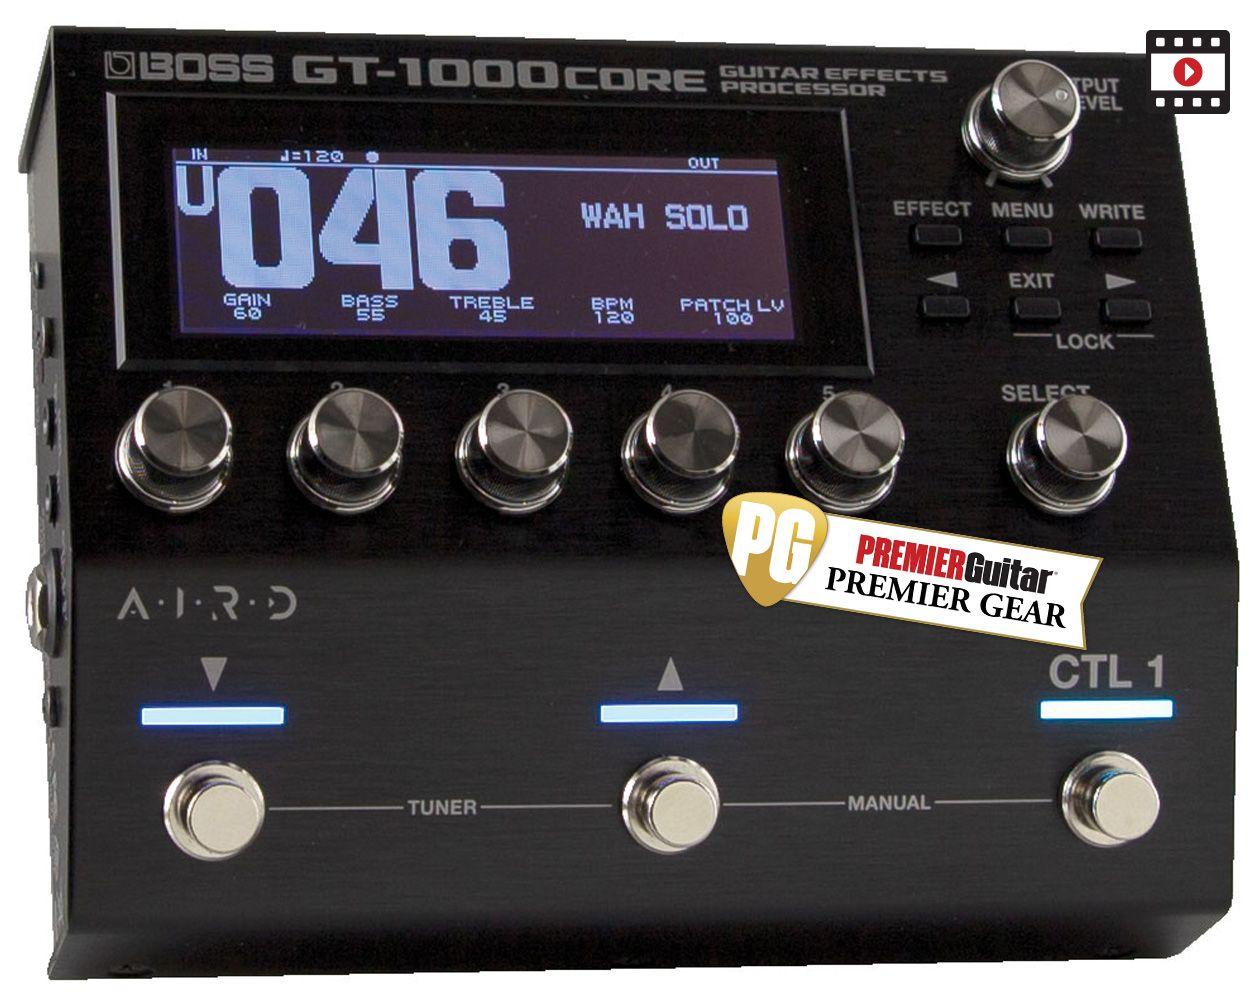 Boss GT-1000CORE: The Premier Guitar Review